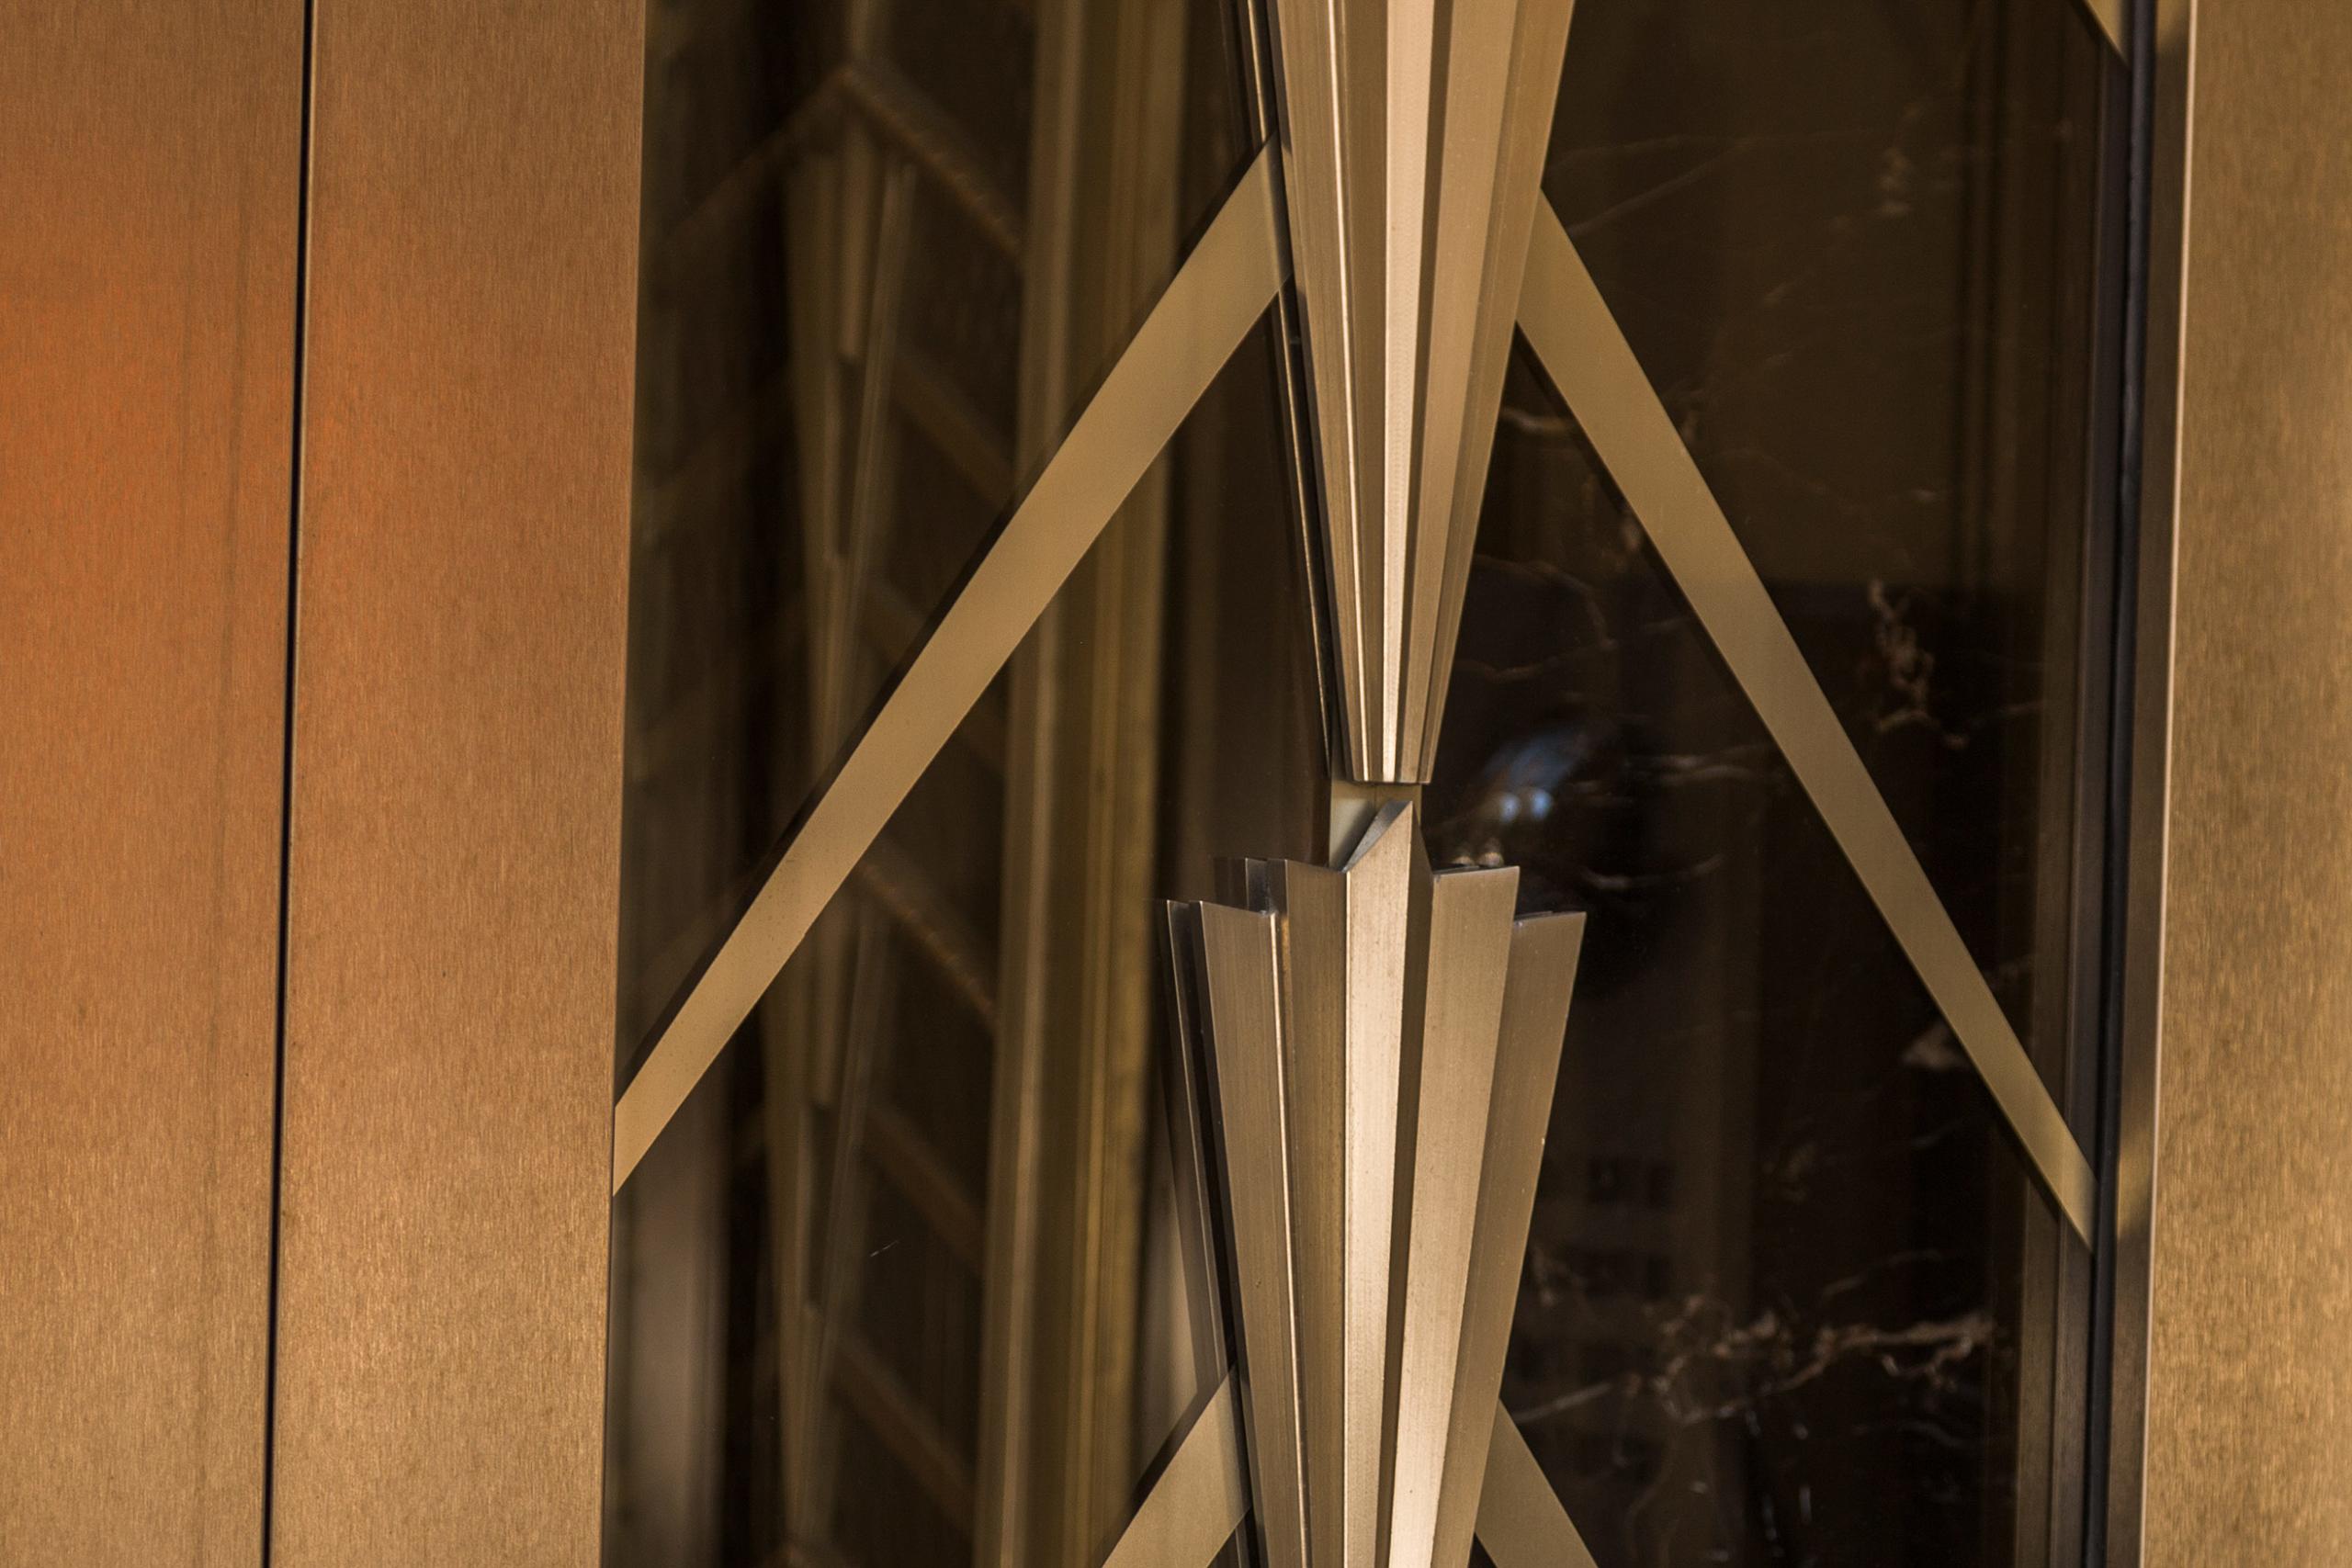 Detail of entrance door